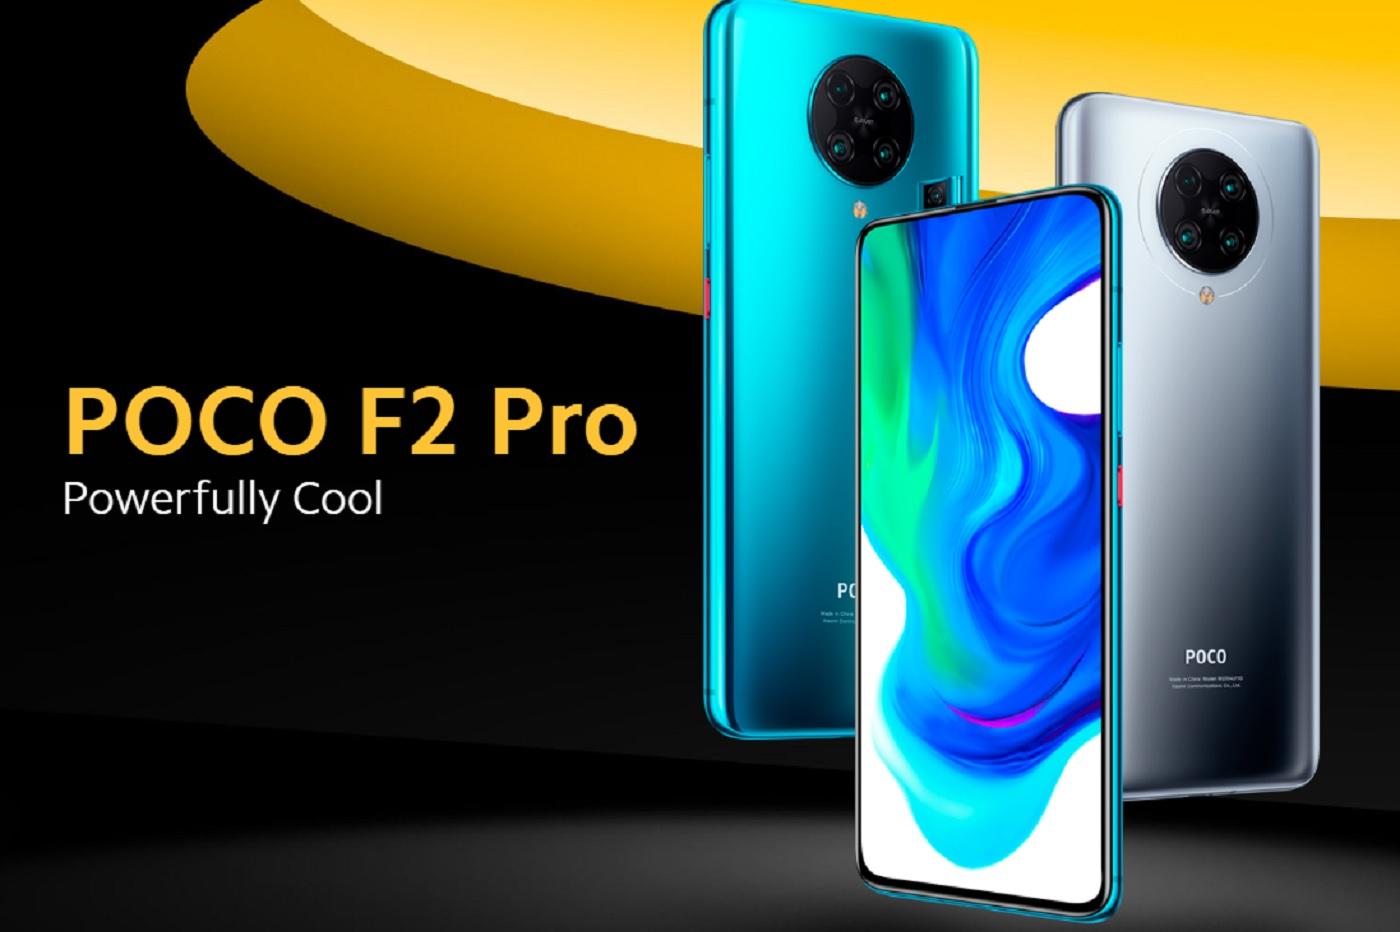 Le poco F2 Pro